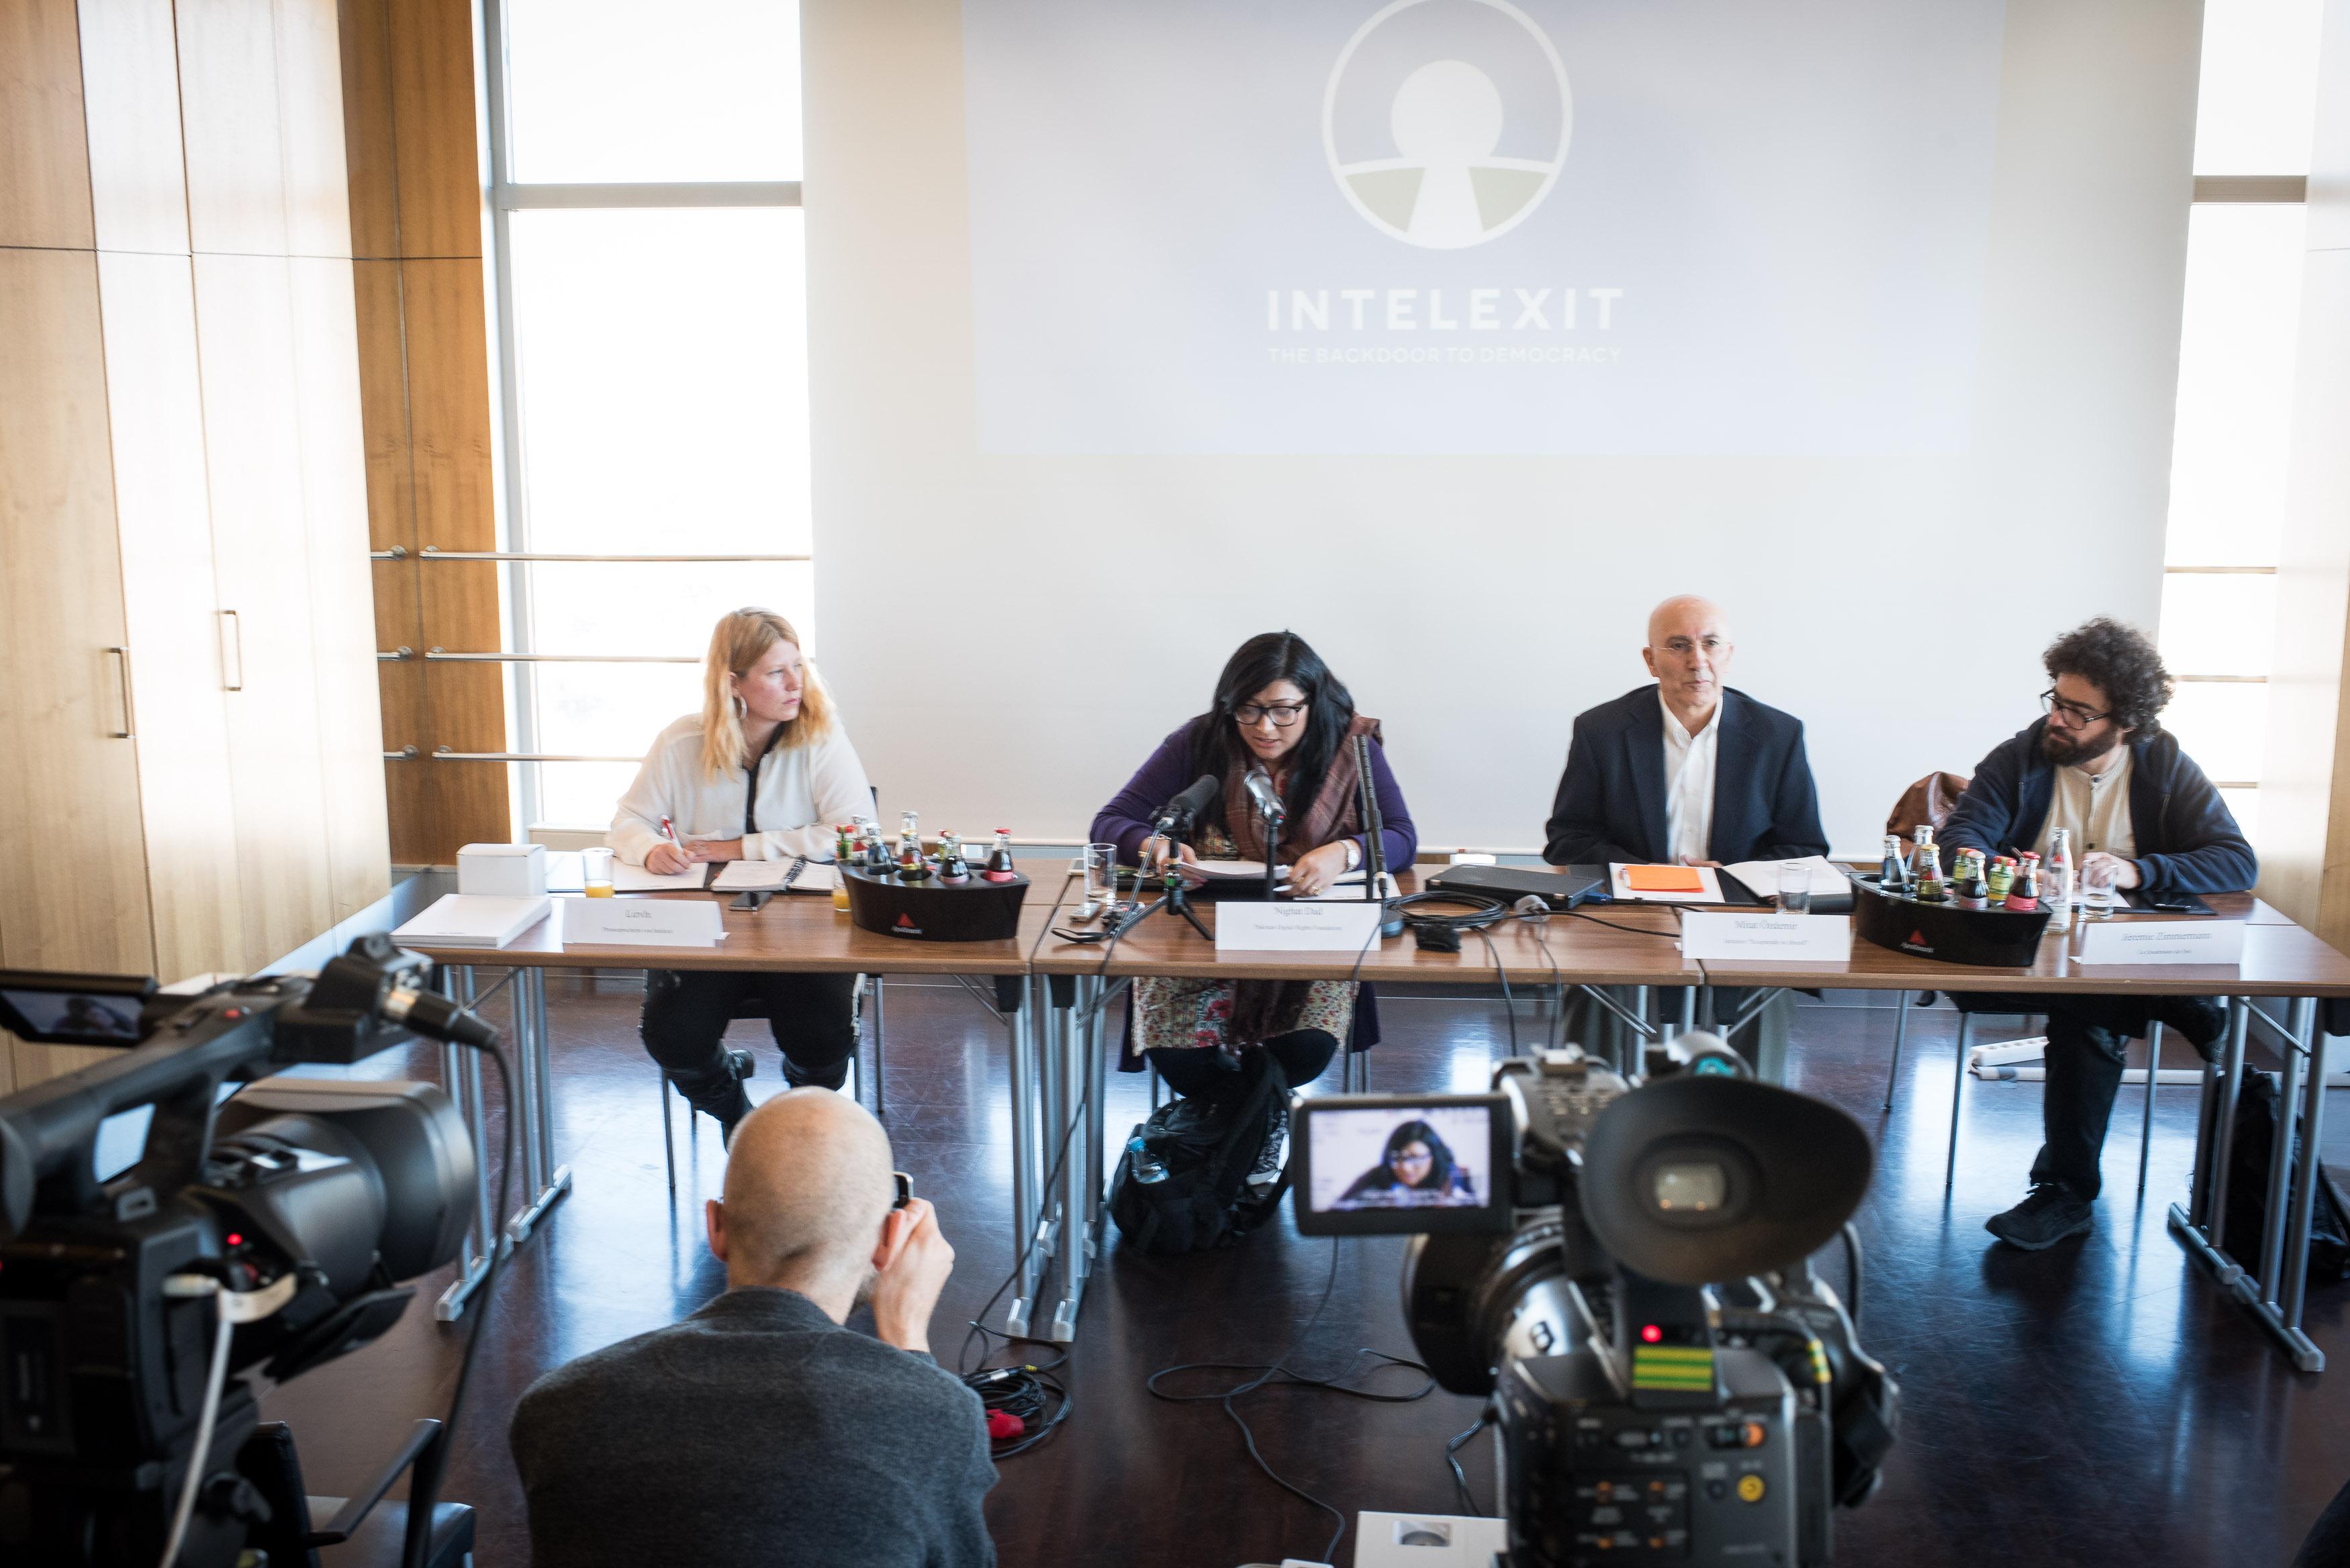 Nighat Dad spricht bei der Intelexit Pressekonferenz (Bild: Intelexit)